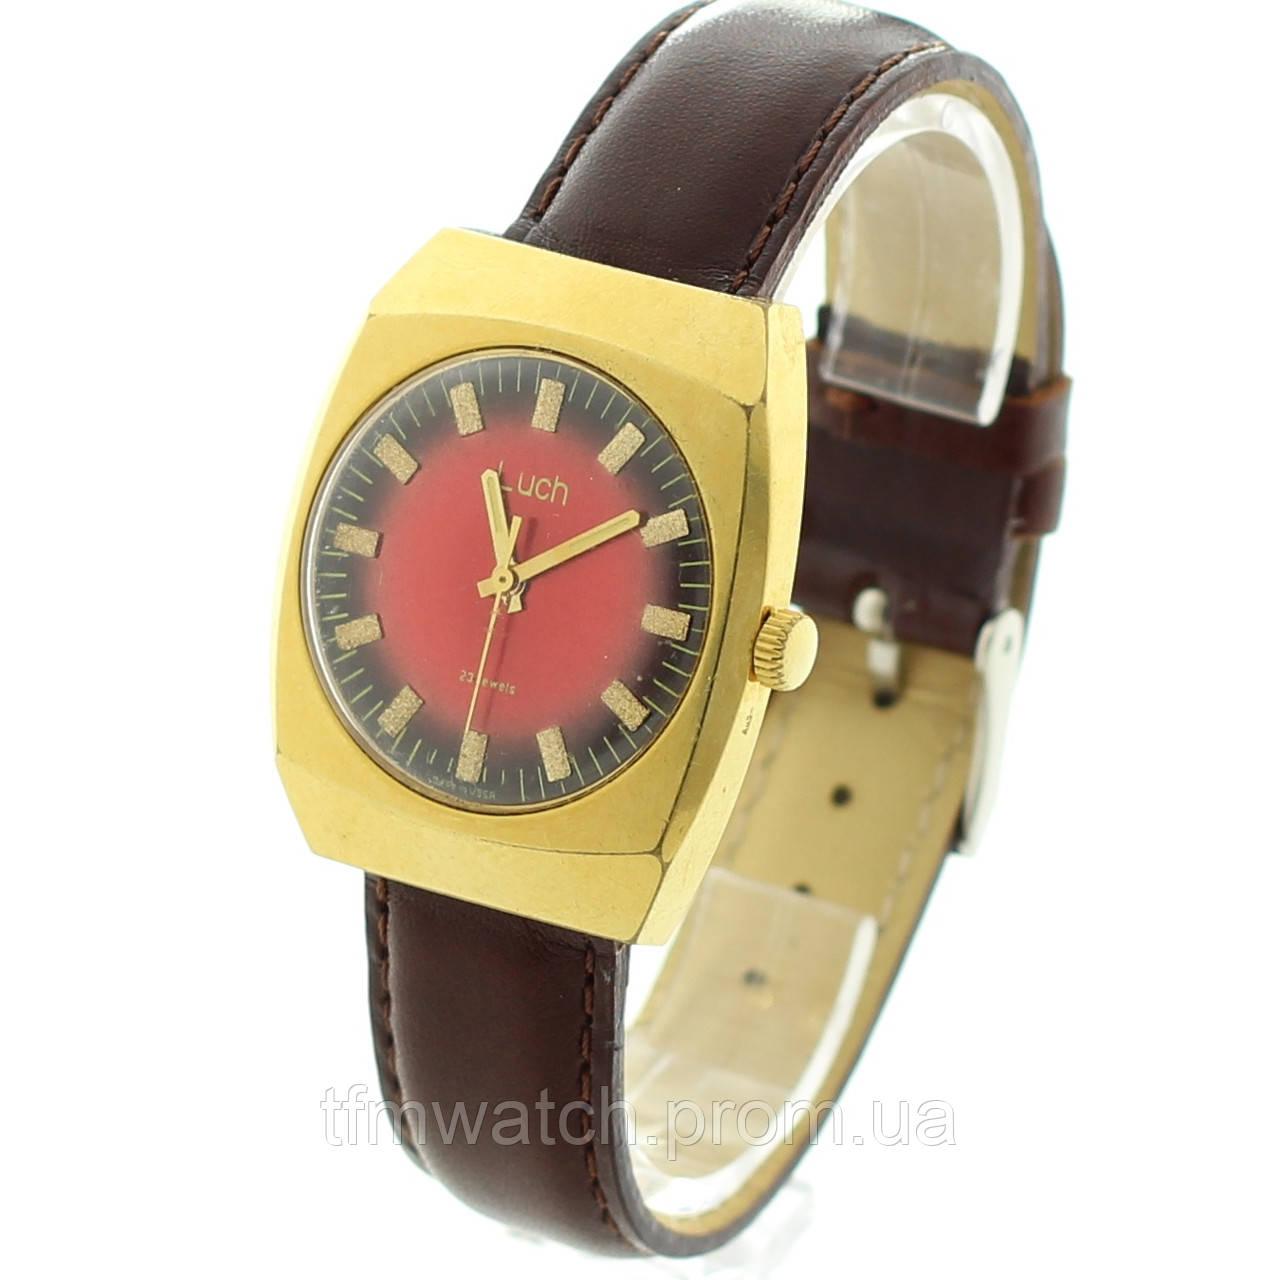 Луч механические часы СССР